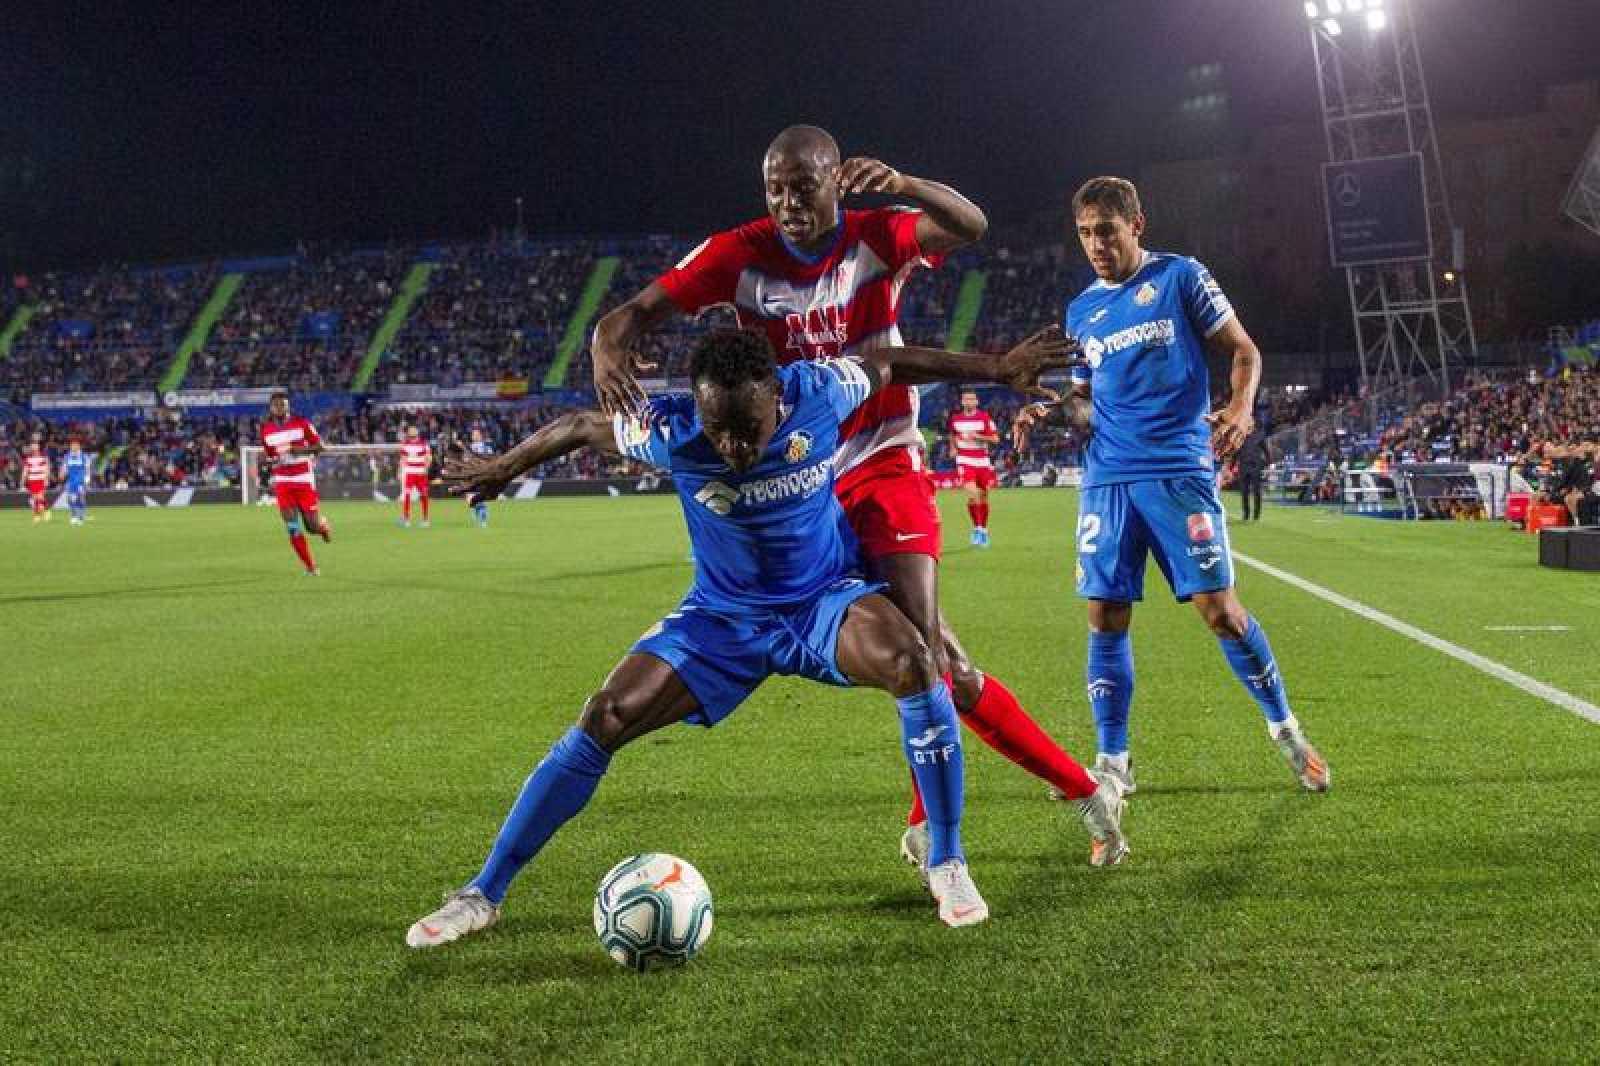 El defensa del Getafe Djené Dakonam (delante) protege el balón presionado por Darwin Machís, del Granada